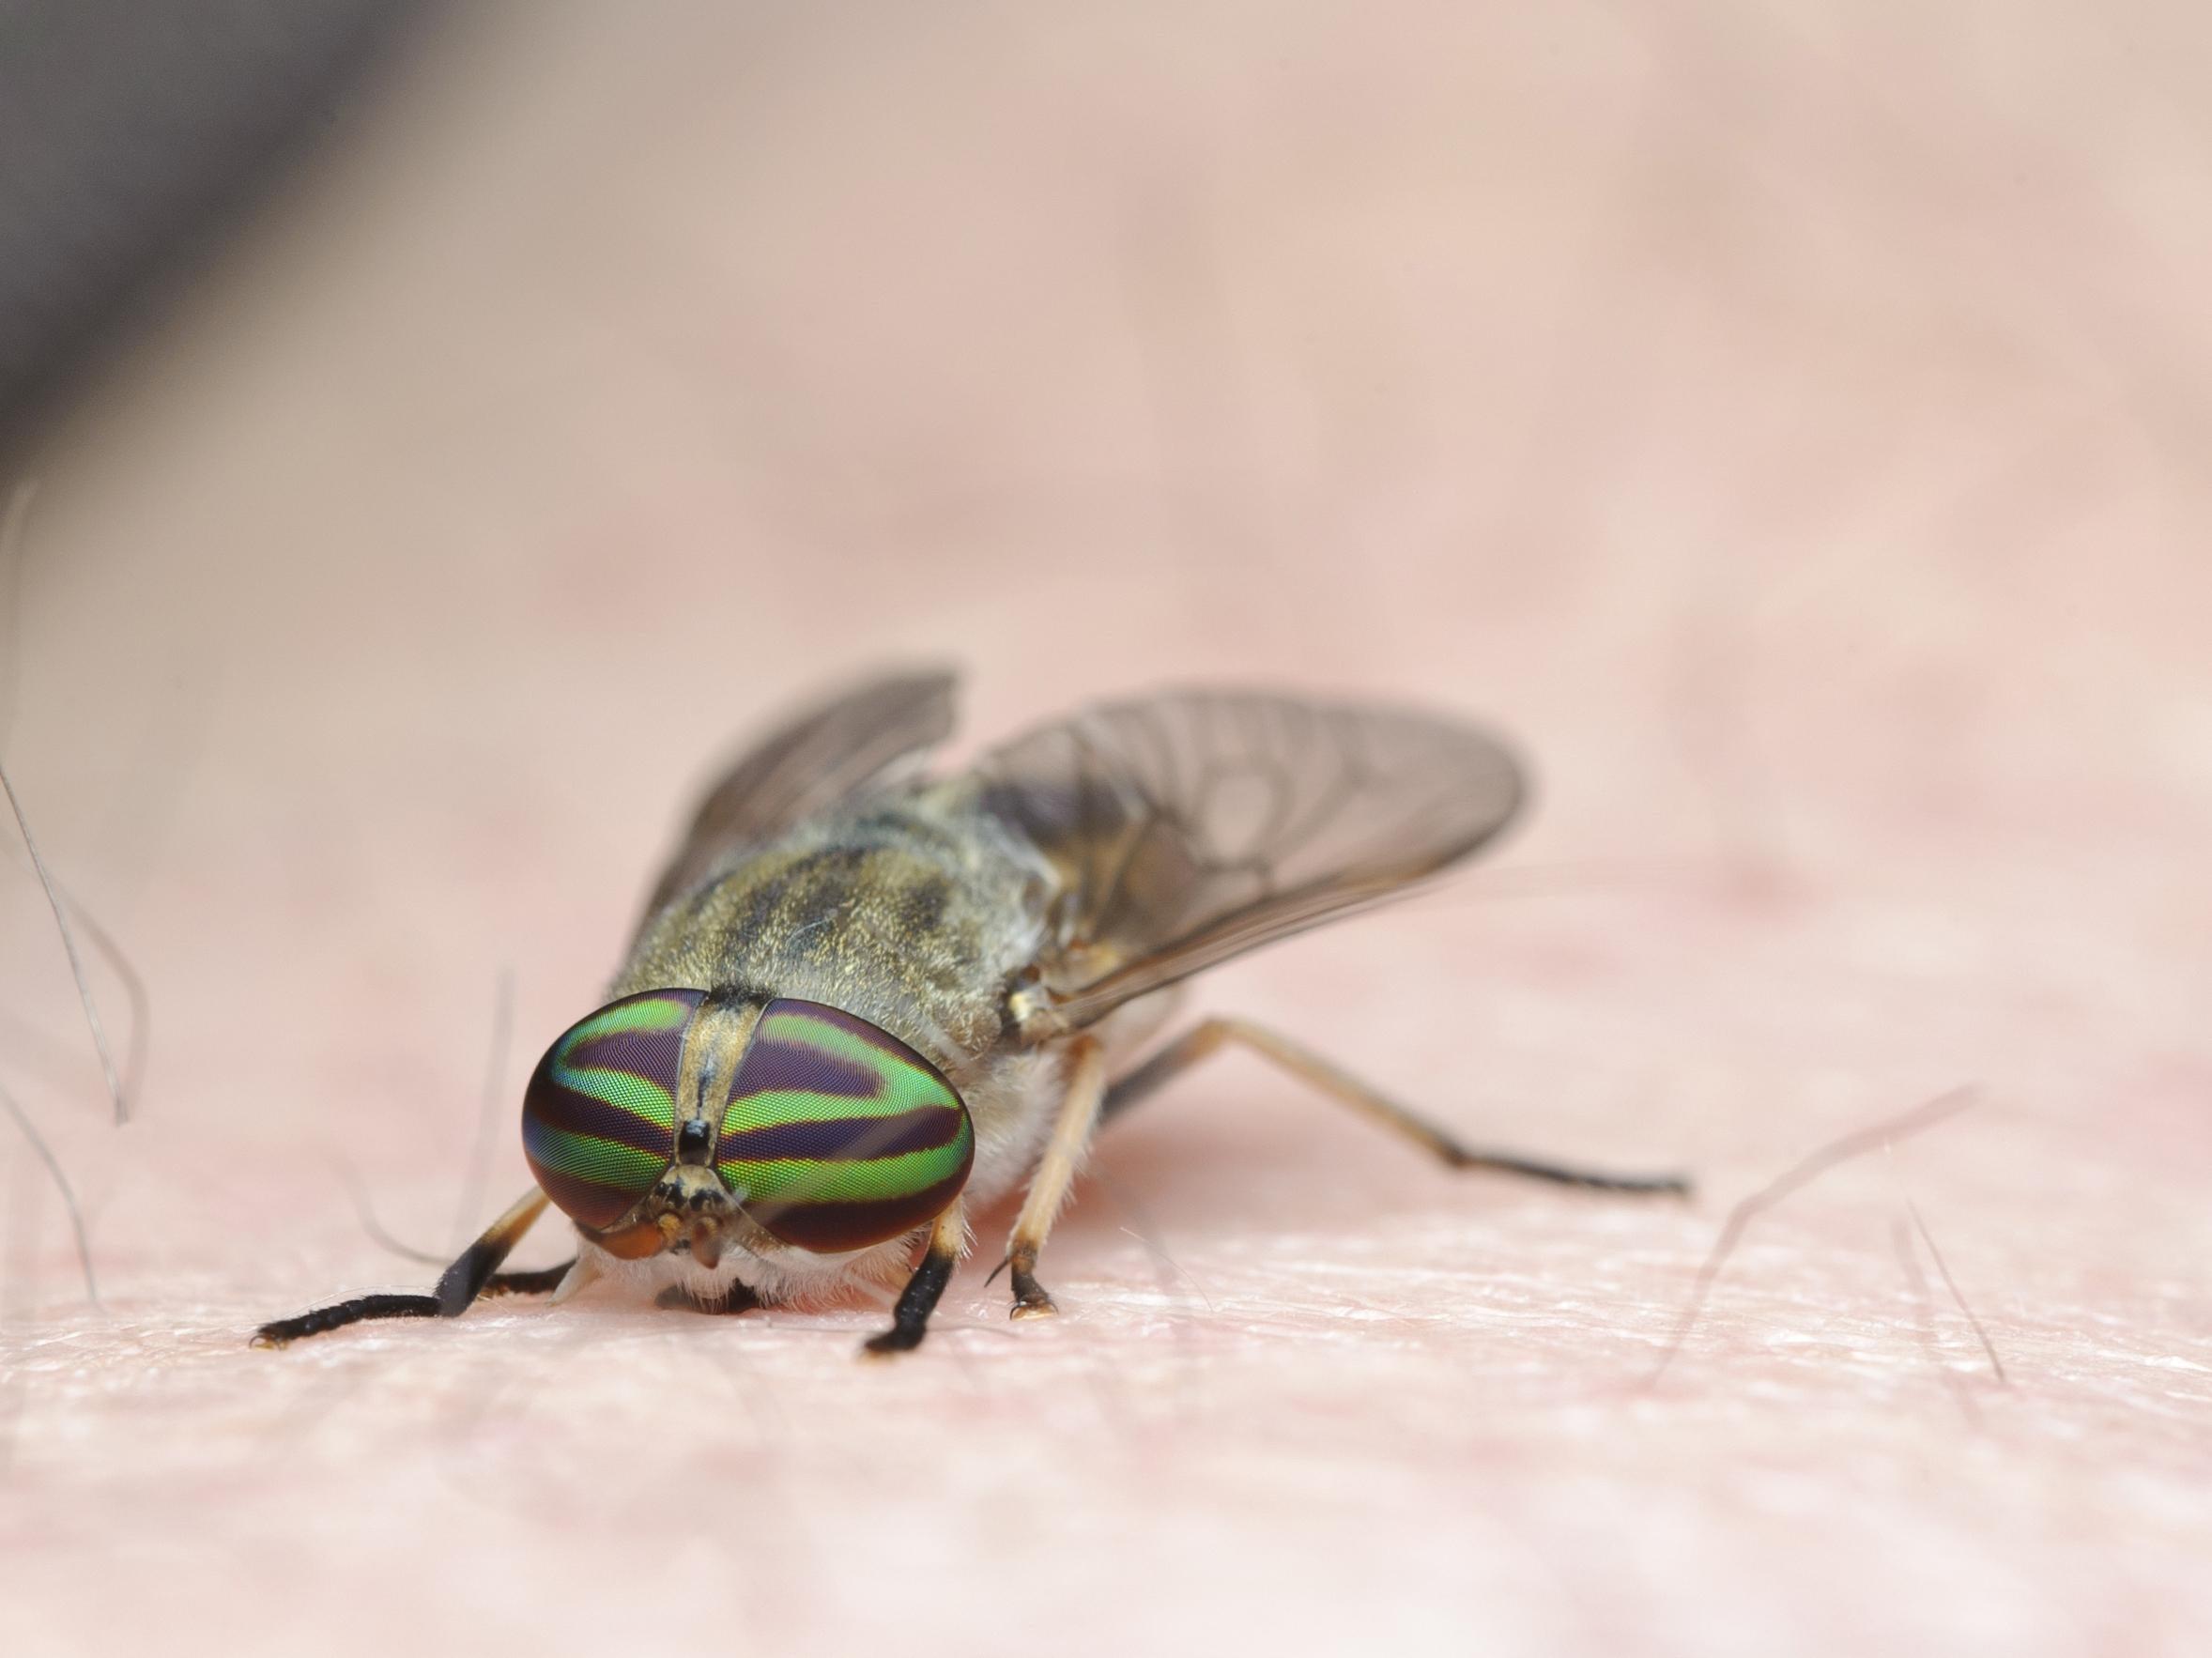 Horsefly infestation brought by UK heatwave bring risk of